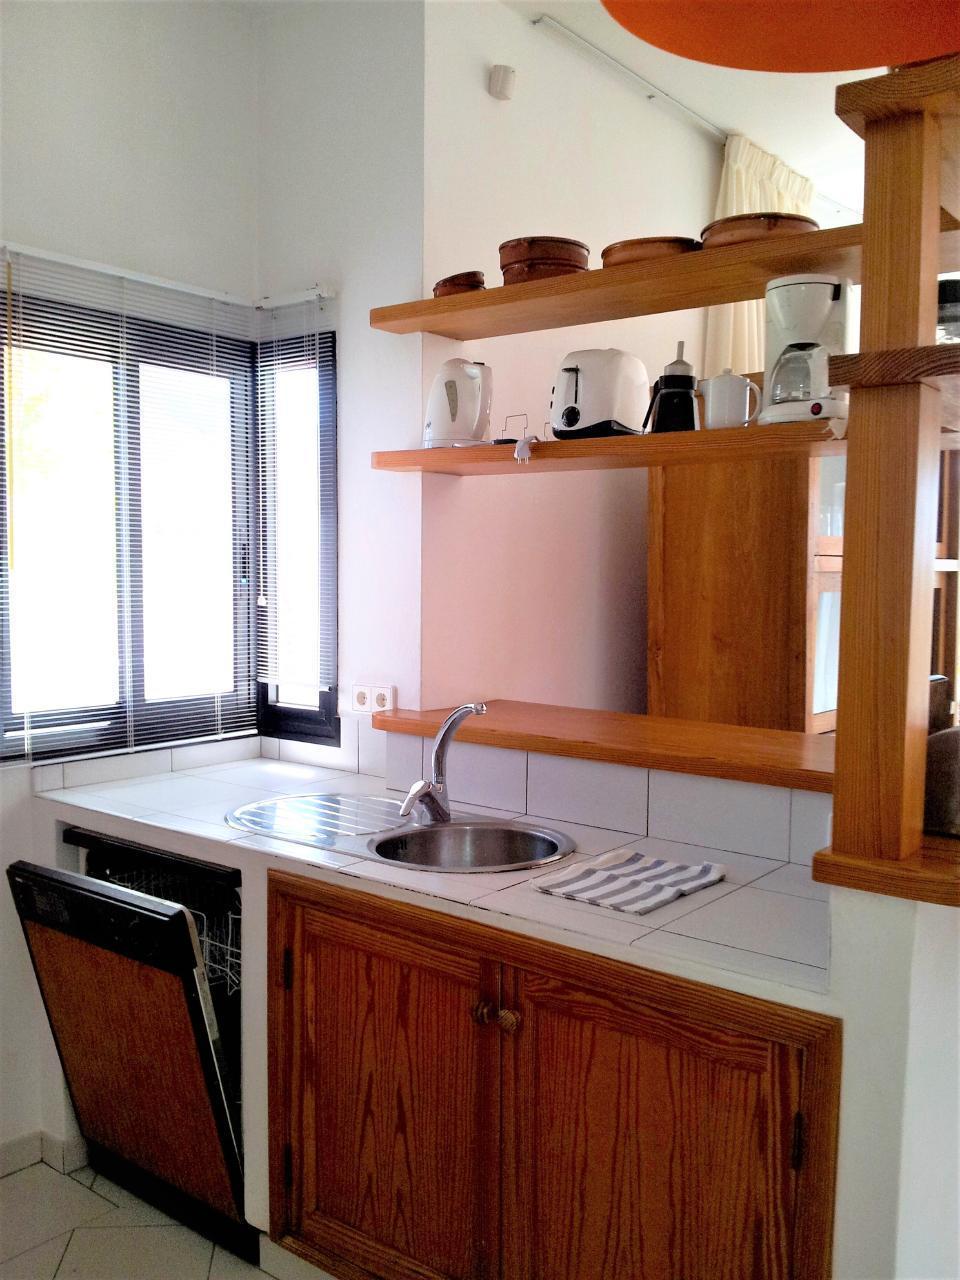 Ferienhaus Exklusive Villa in Strandnähe (642541), Giniginamar, Fuerteventura, Kanarische Inseln, Spanien, Bild 30